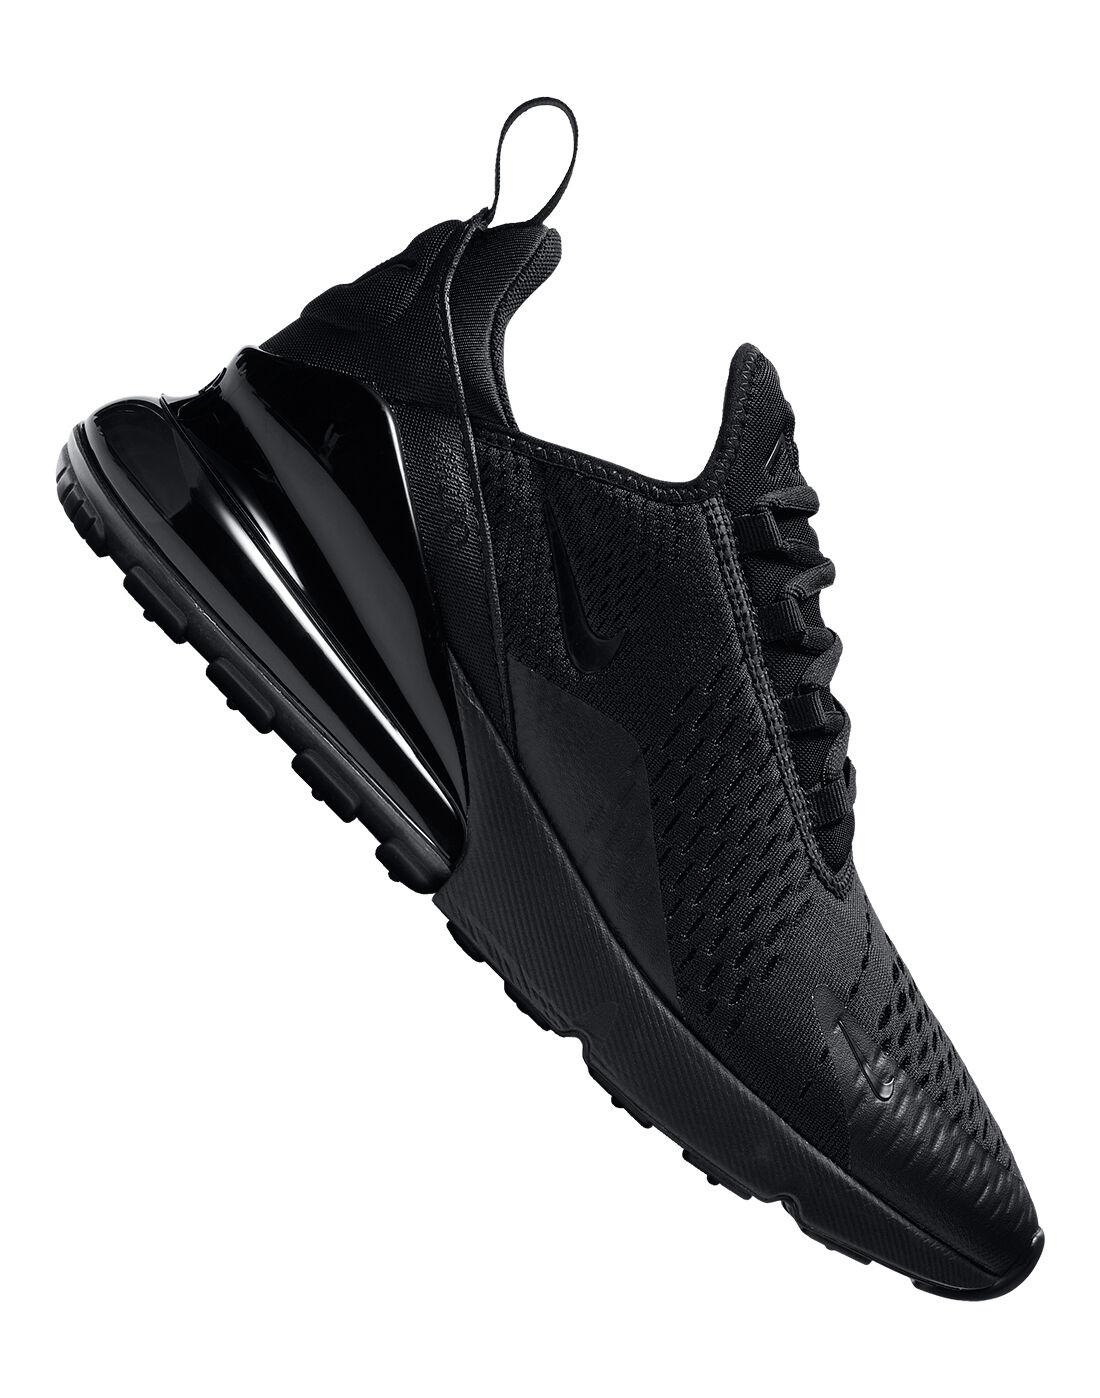 Nike Air Max 270 | Triple Black | Life